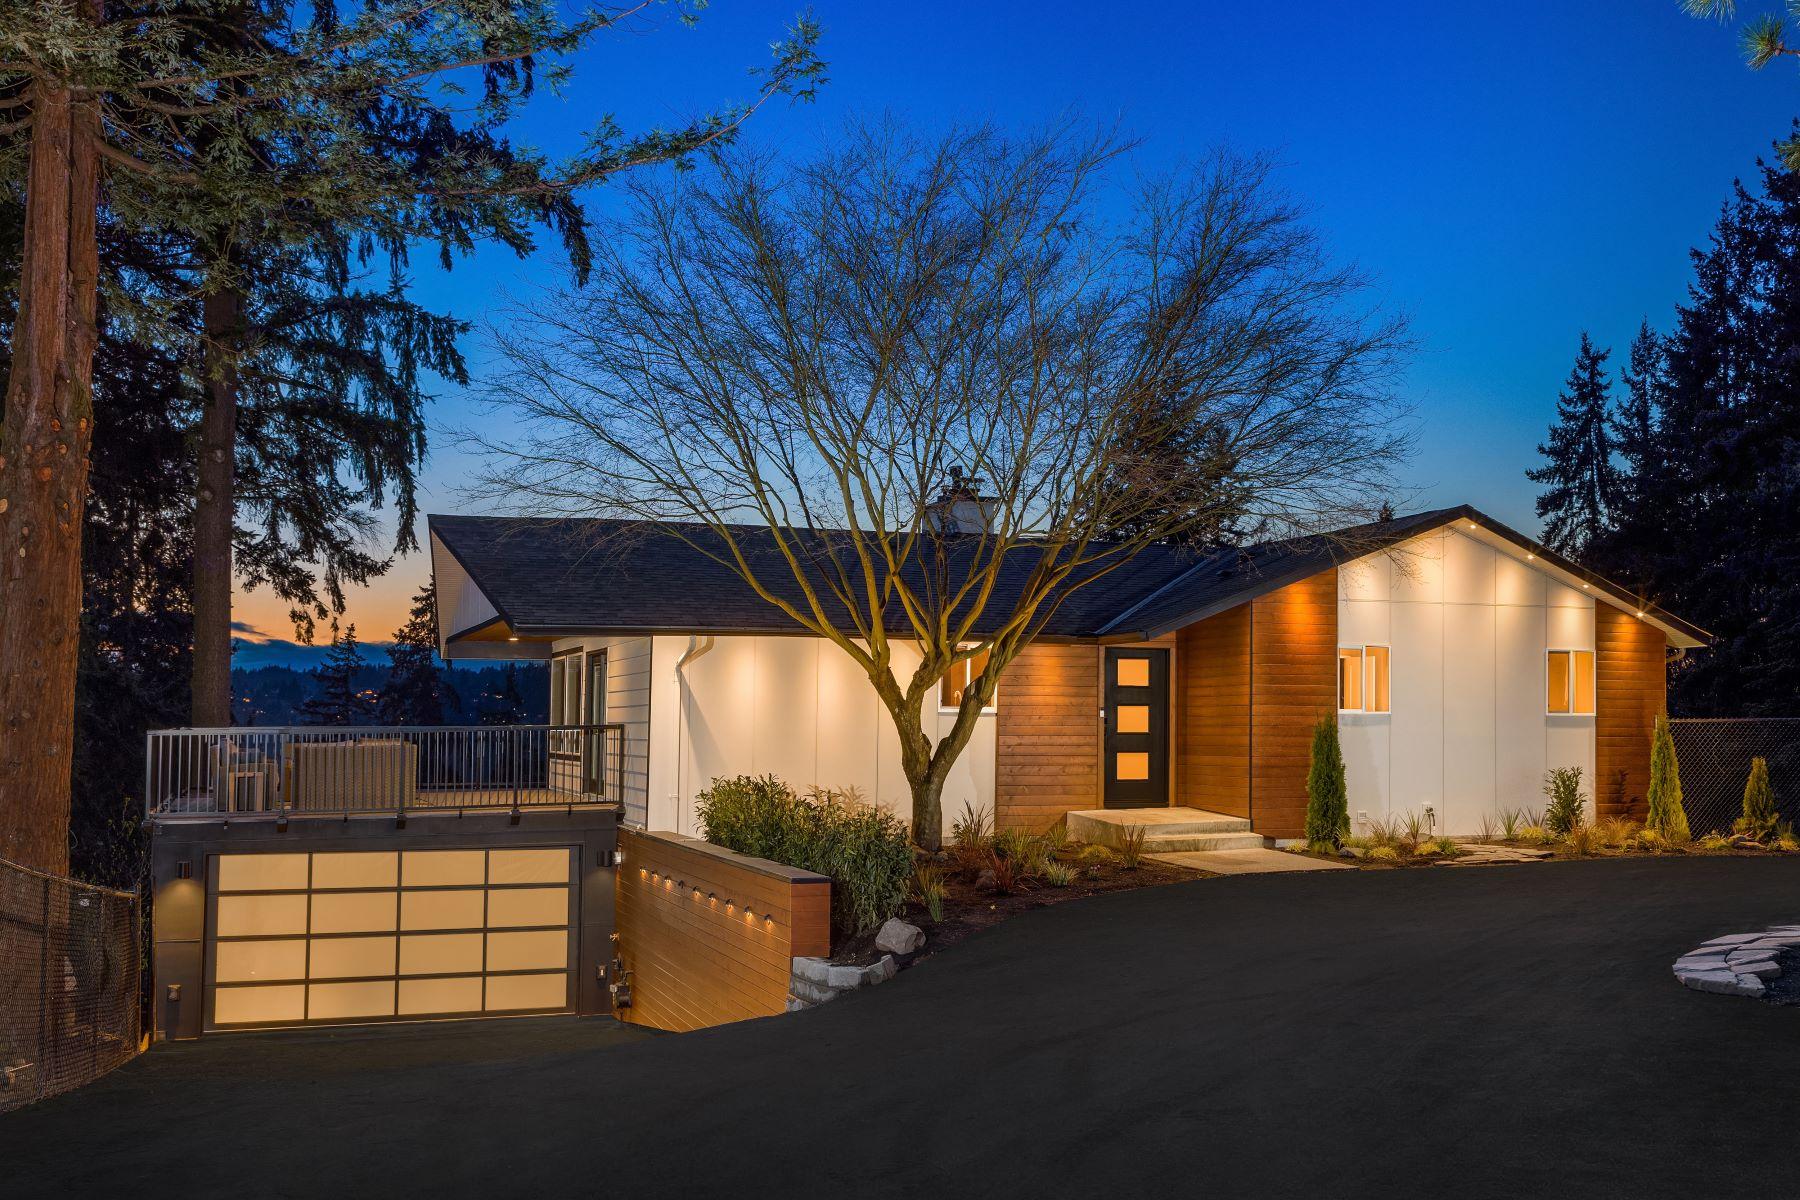 Single Family Homes por un Venta en 8400 NE 190th St, Bothell, WA 98011 Bothell, Washington 98011 Estados Unidos